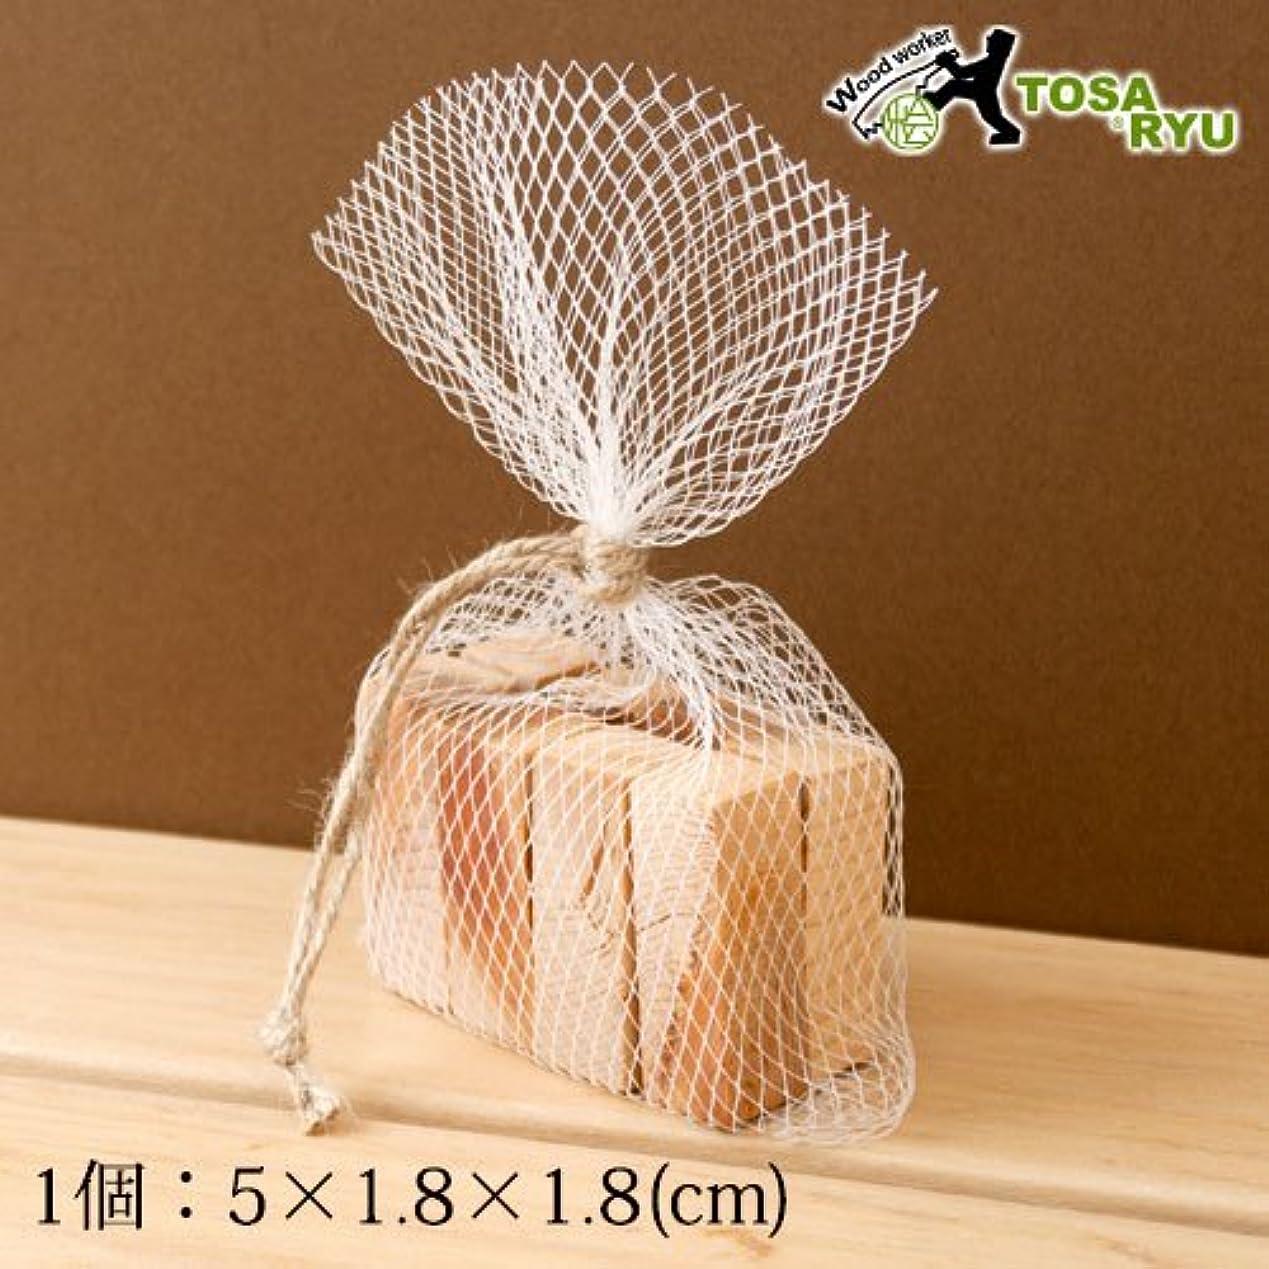 欺くウィスキー道路を作るプロセス土佐龍アロマブロックメッシュ袋入り高知県の工芸品Bath additive of cypress, Kochi craft